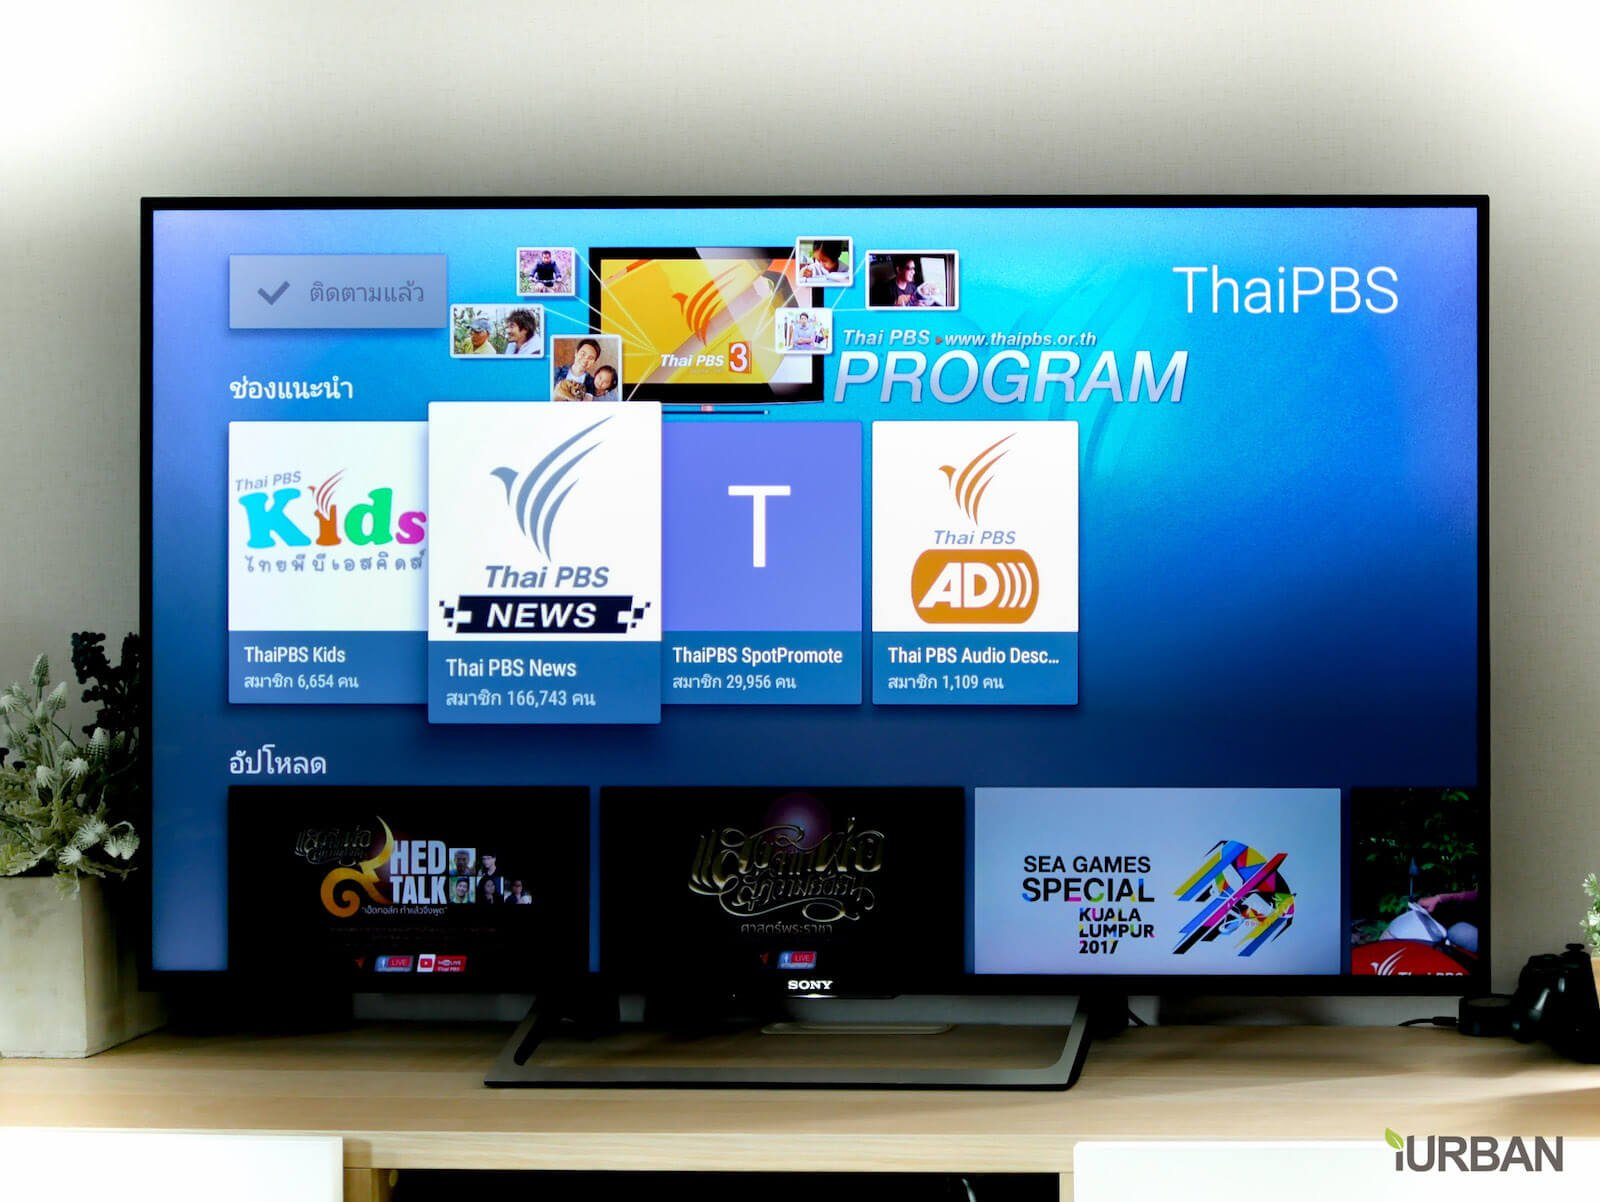 SONY X8500E 4K-HDR Android TV นวัตกรรมที่จะเปลี่ยนชีวิตกับทีวี ให้ไม่เหมือนเดิมอีกต่อไป 49 - Android